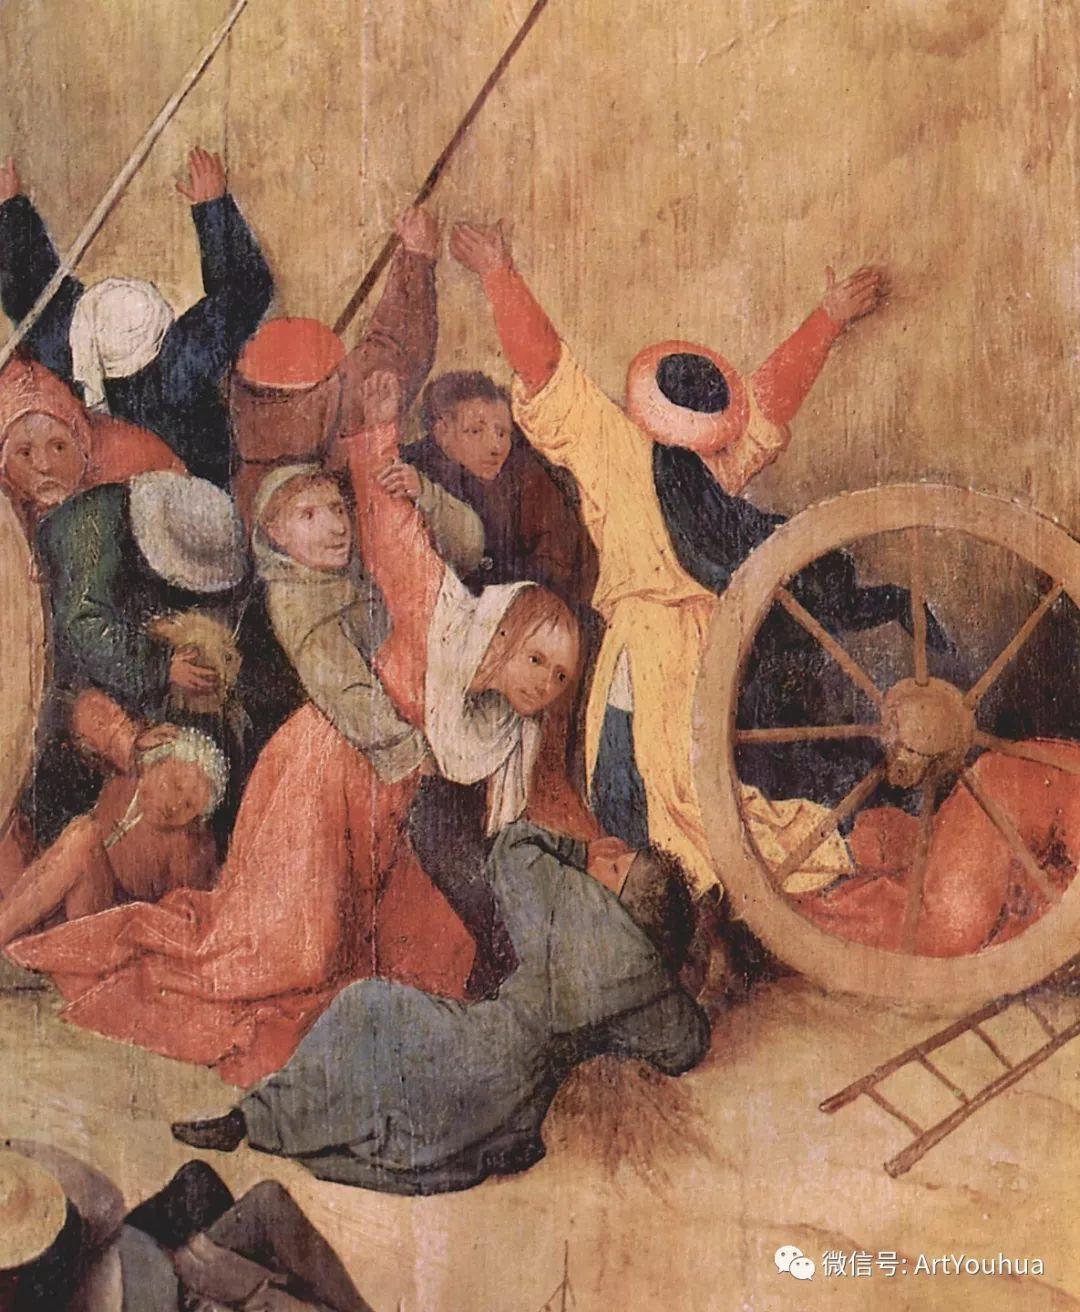 连载No.3 一生要知道的100位世界著名画家之希罗尼穆斯·波希插图40